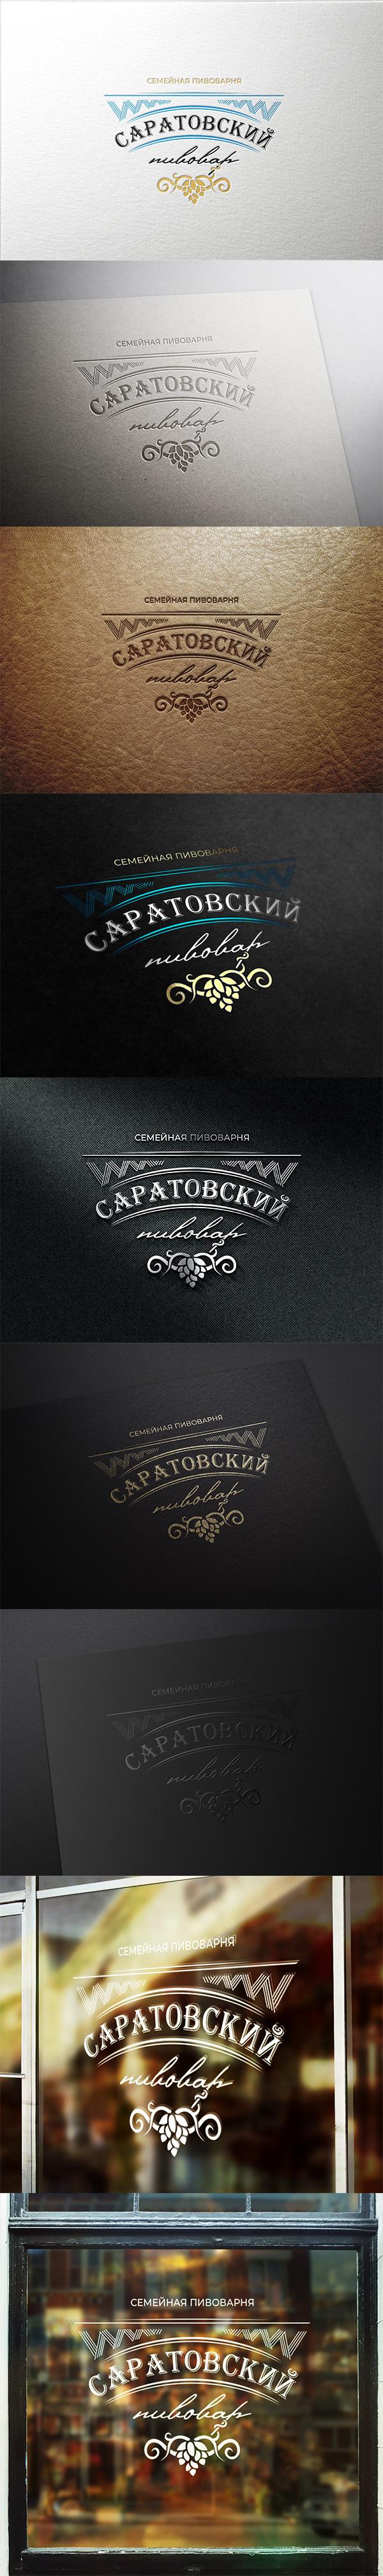 Разработка логотипа для частной пивоварни фото f_6905d786c06da5c2.jpg